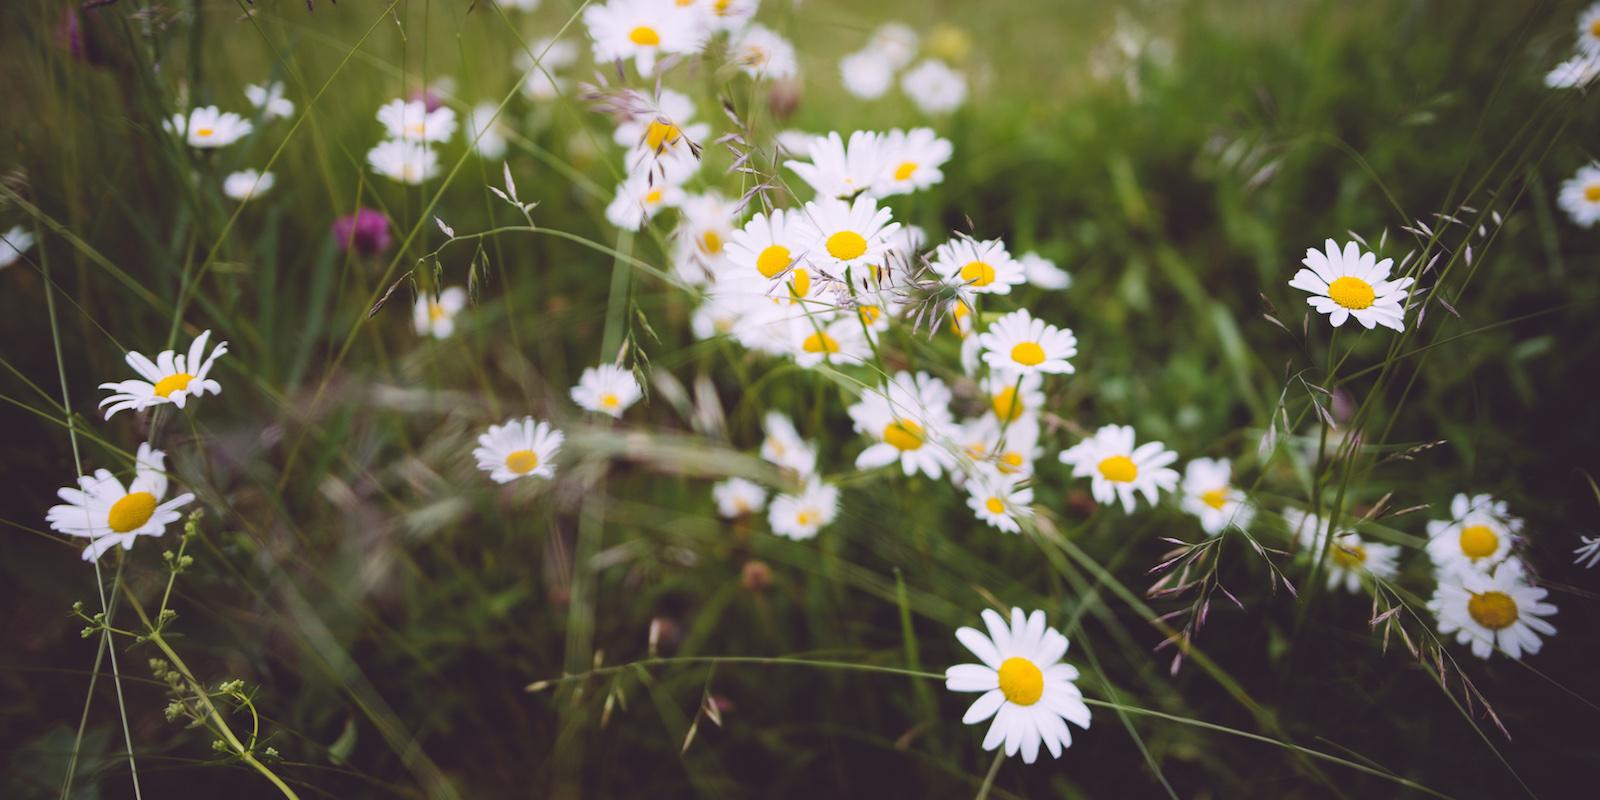 Sedmikráska a kopretina: bylinky pro zdraví